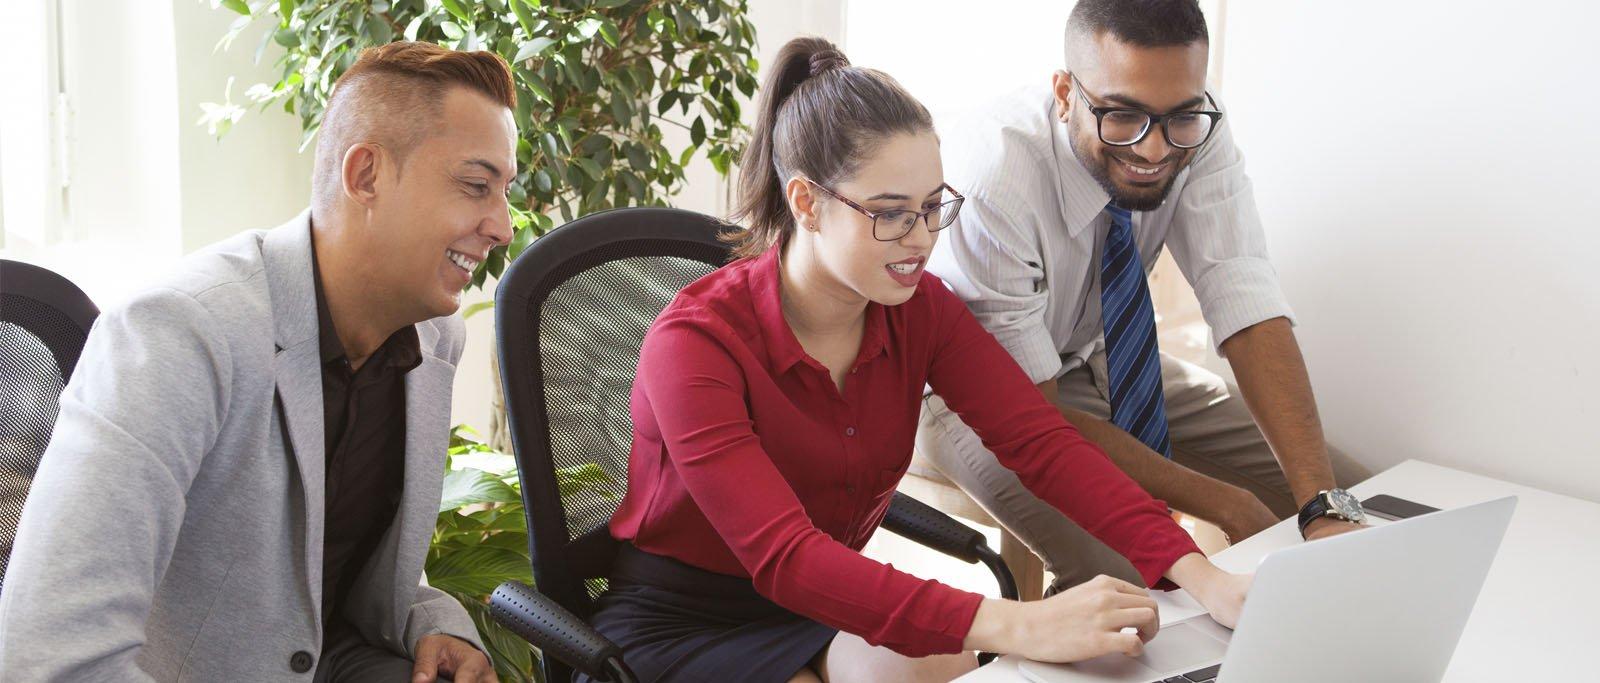 Como motivar uma equipe de vendas com sucesso? Confira um passo a passo!